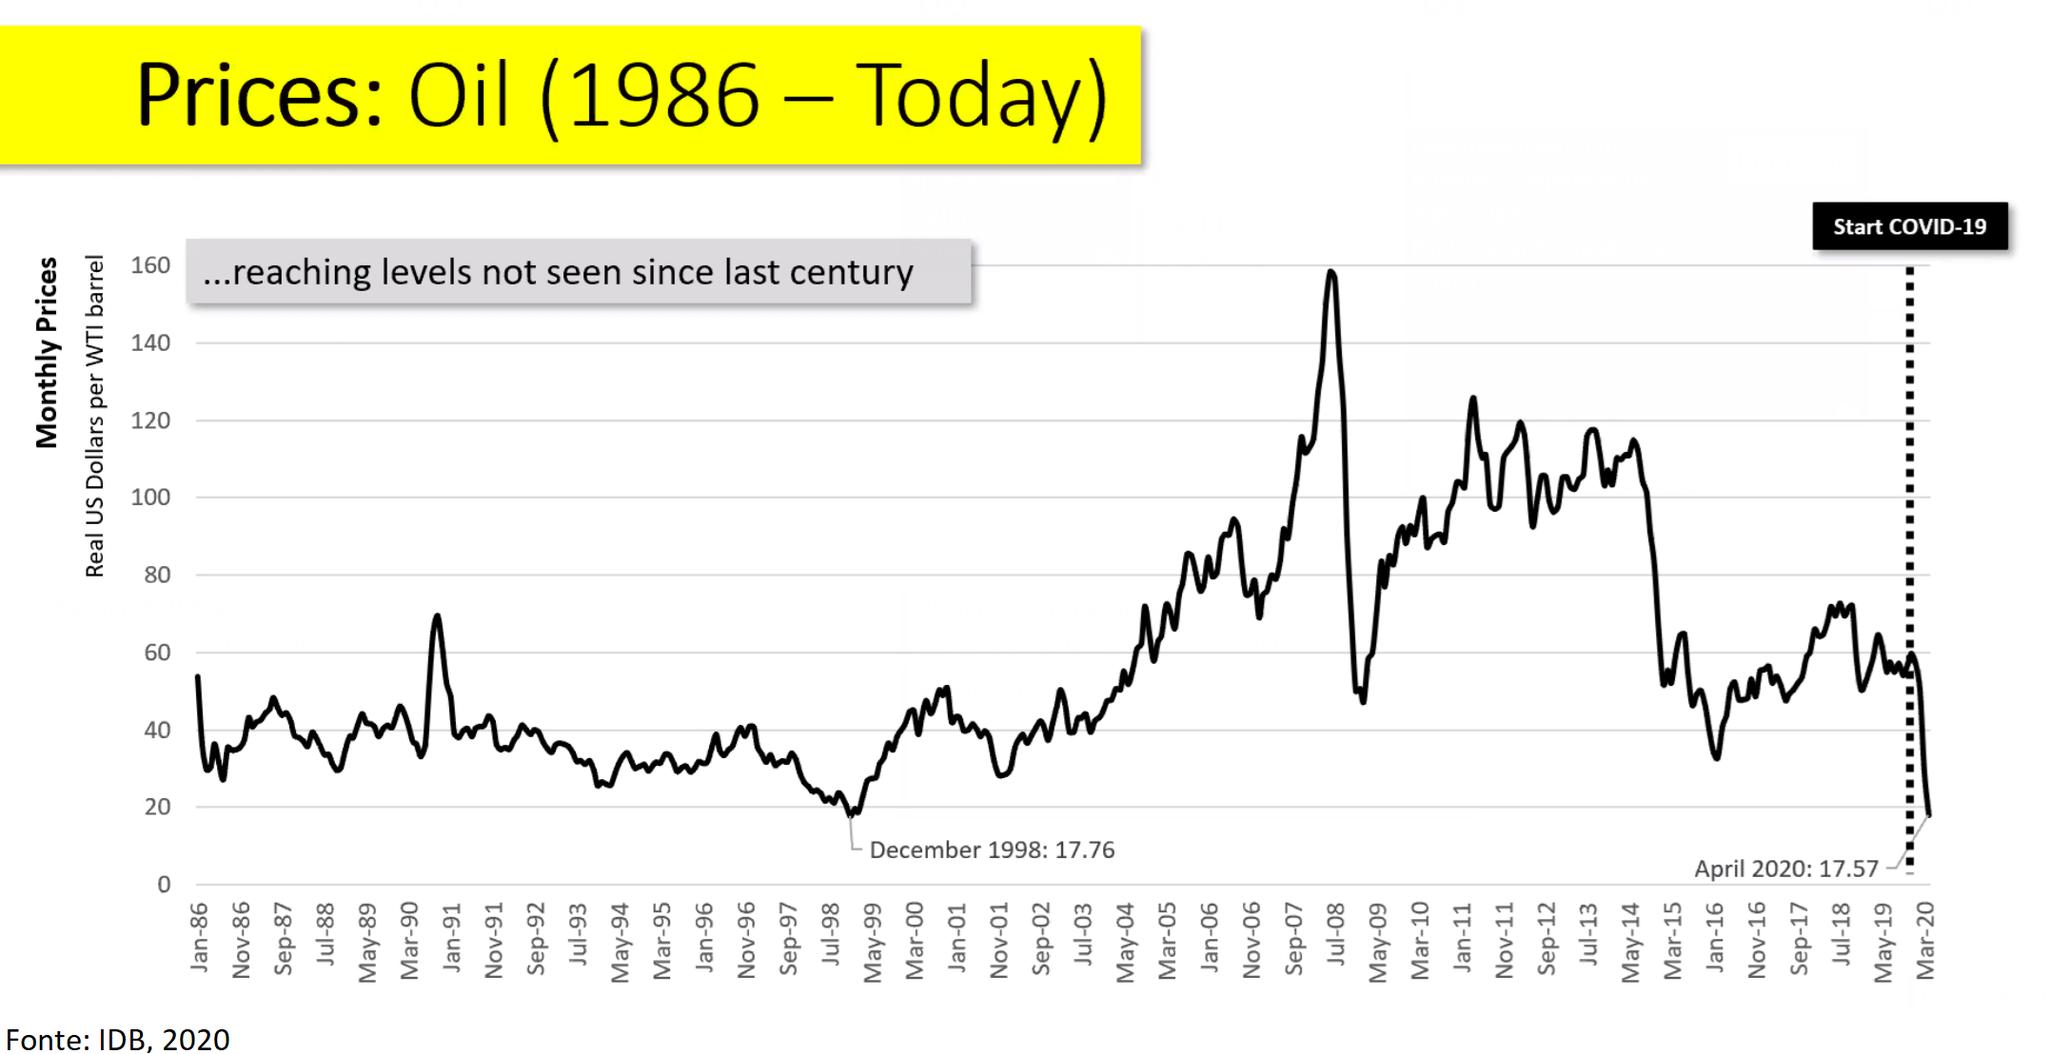 Petróleo, questões fiscais e vulnerabilidade dos países da América Latina: tempos turbulentos de Covid-19